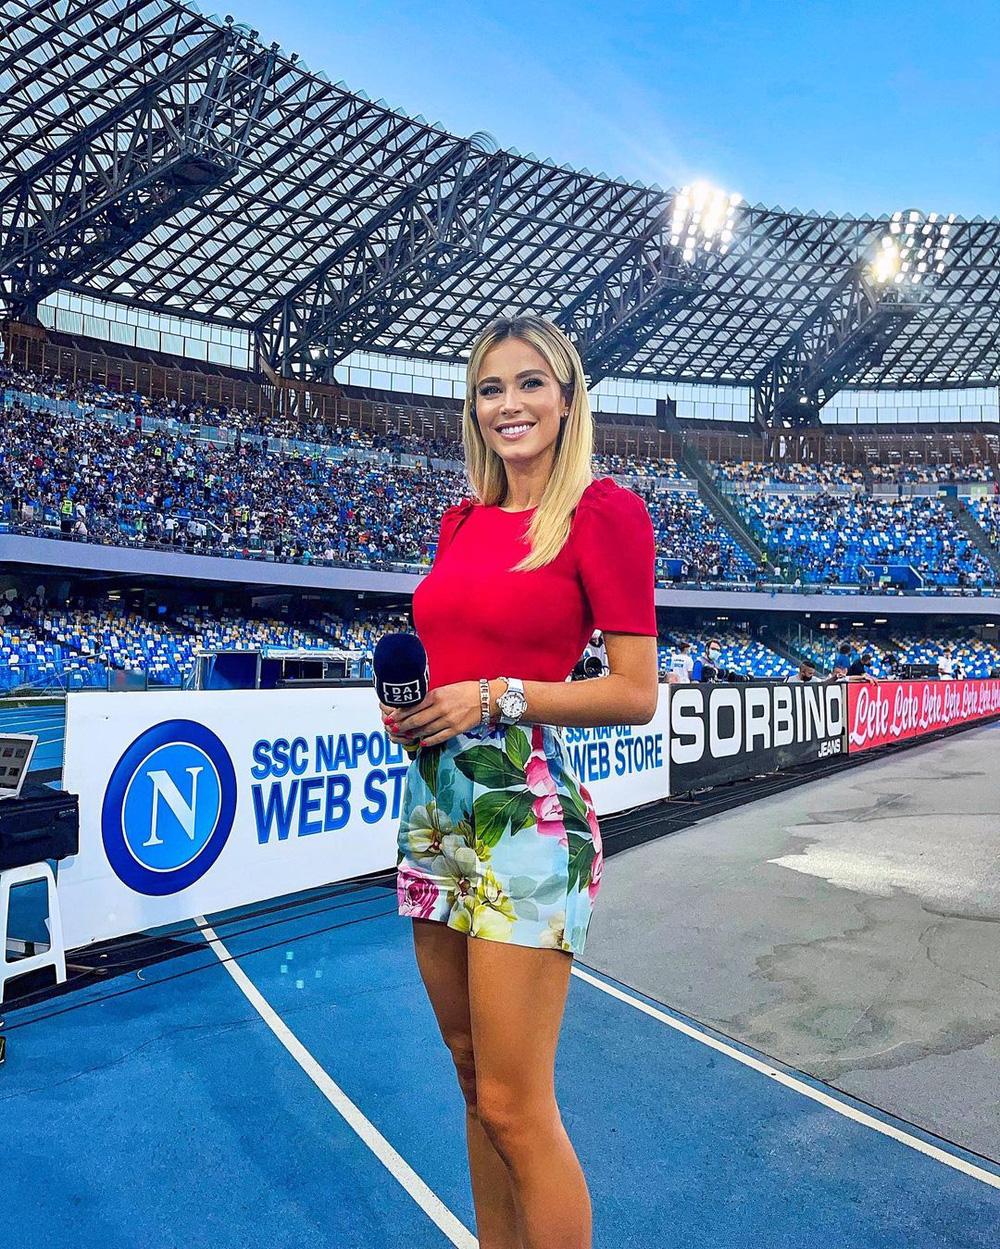 Nữ phóng viên thể thao quyến rũ nhất hành tinh úp mở về chuyện tình trường, fan mày râu được nước mở cờ trong bụng - ảnh 1